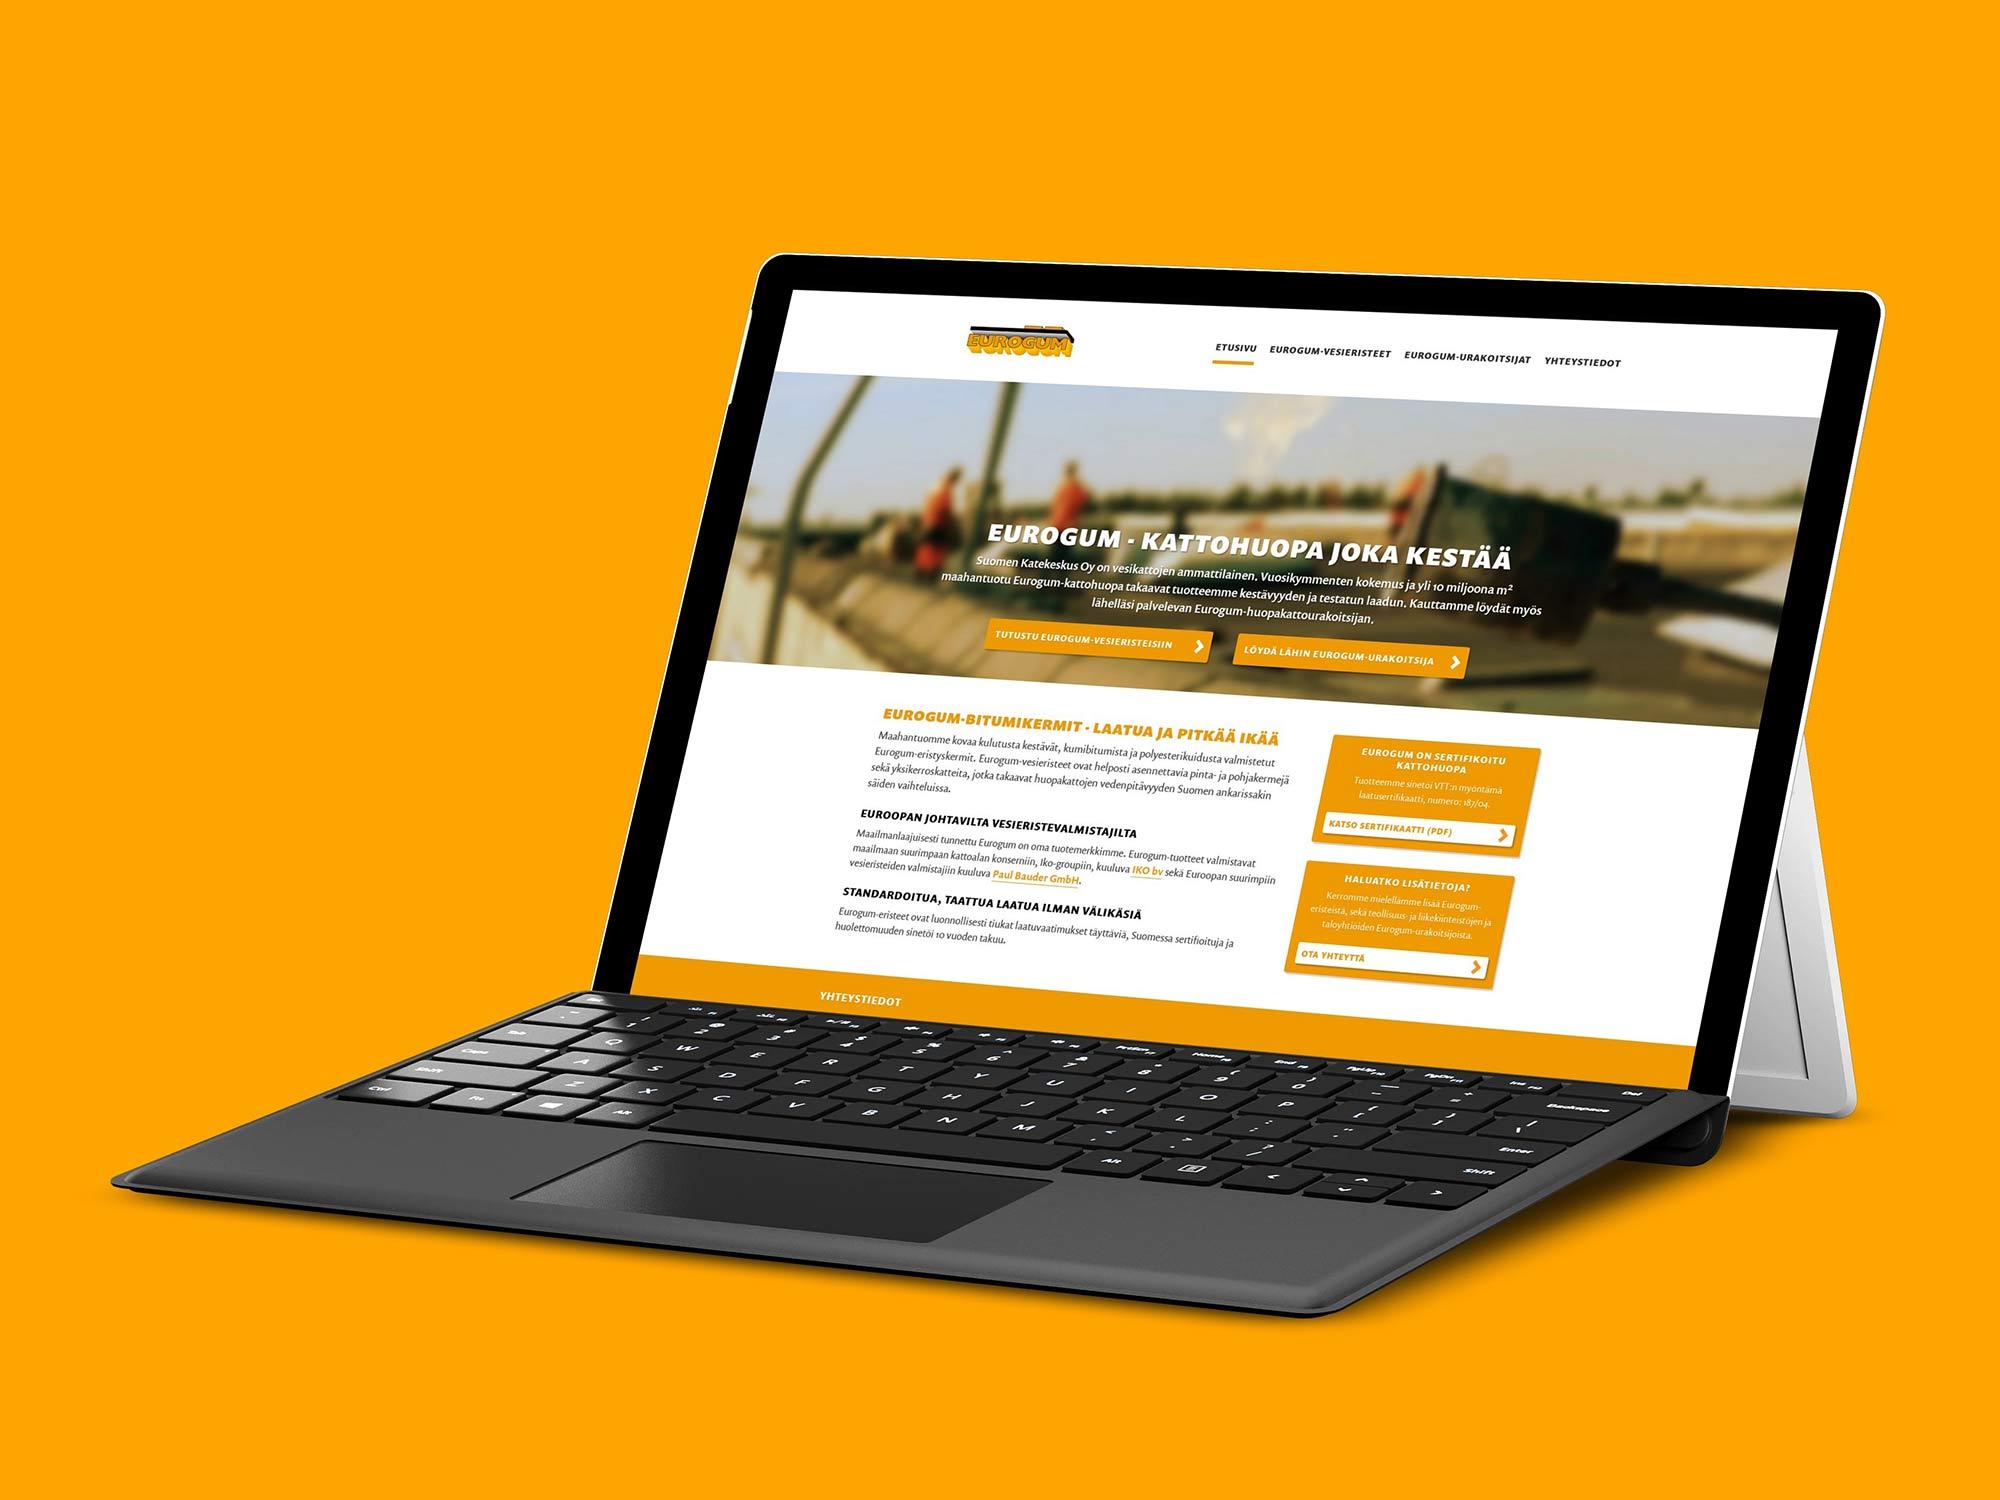 Nettisivut Eurogum-tuotteelle.